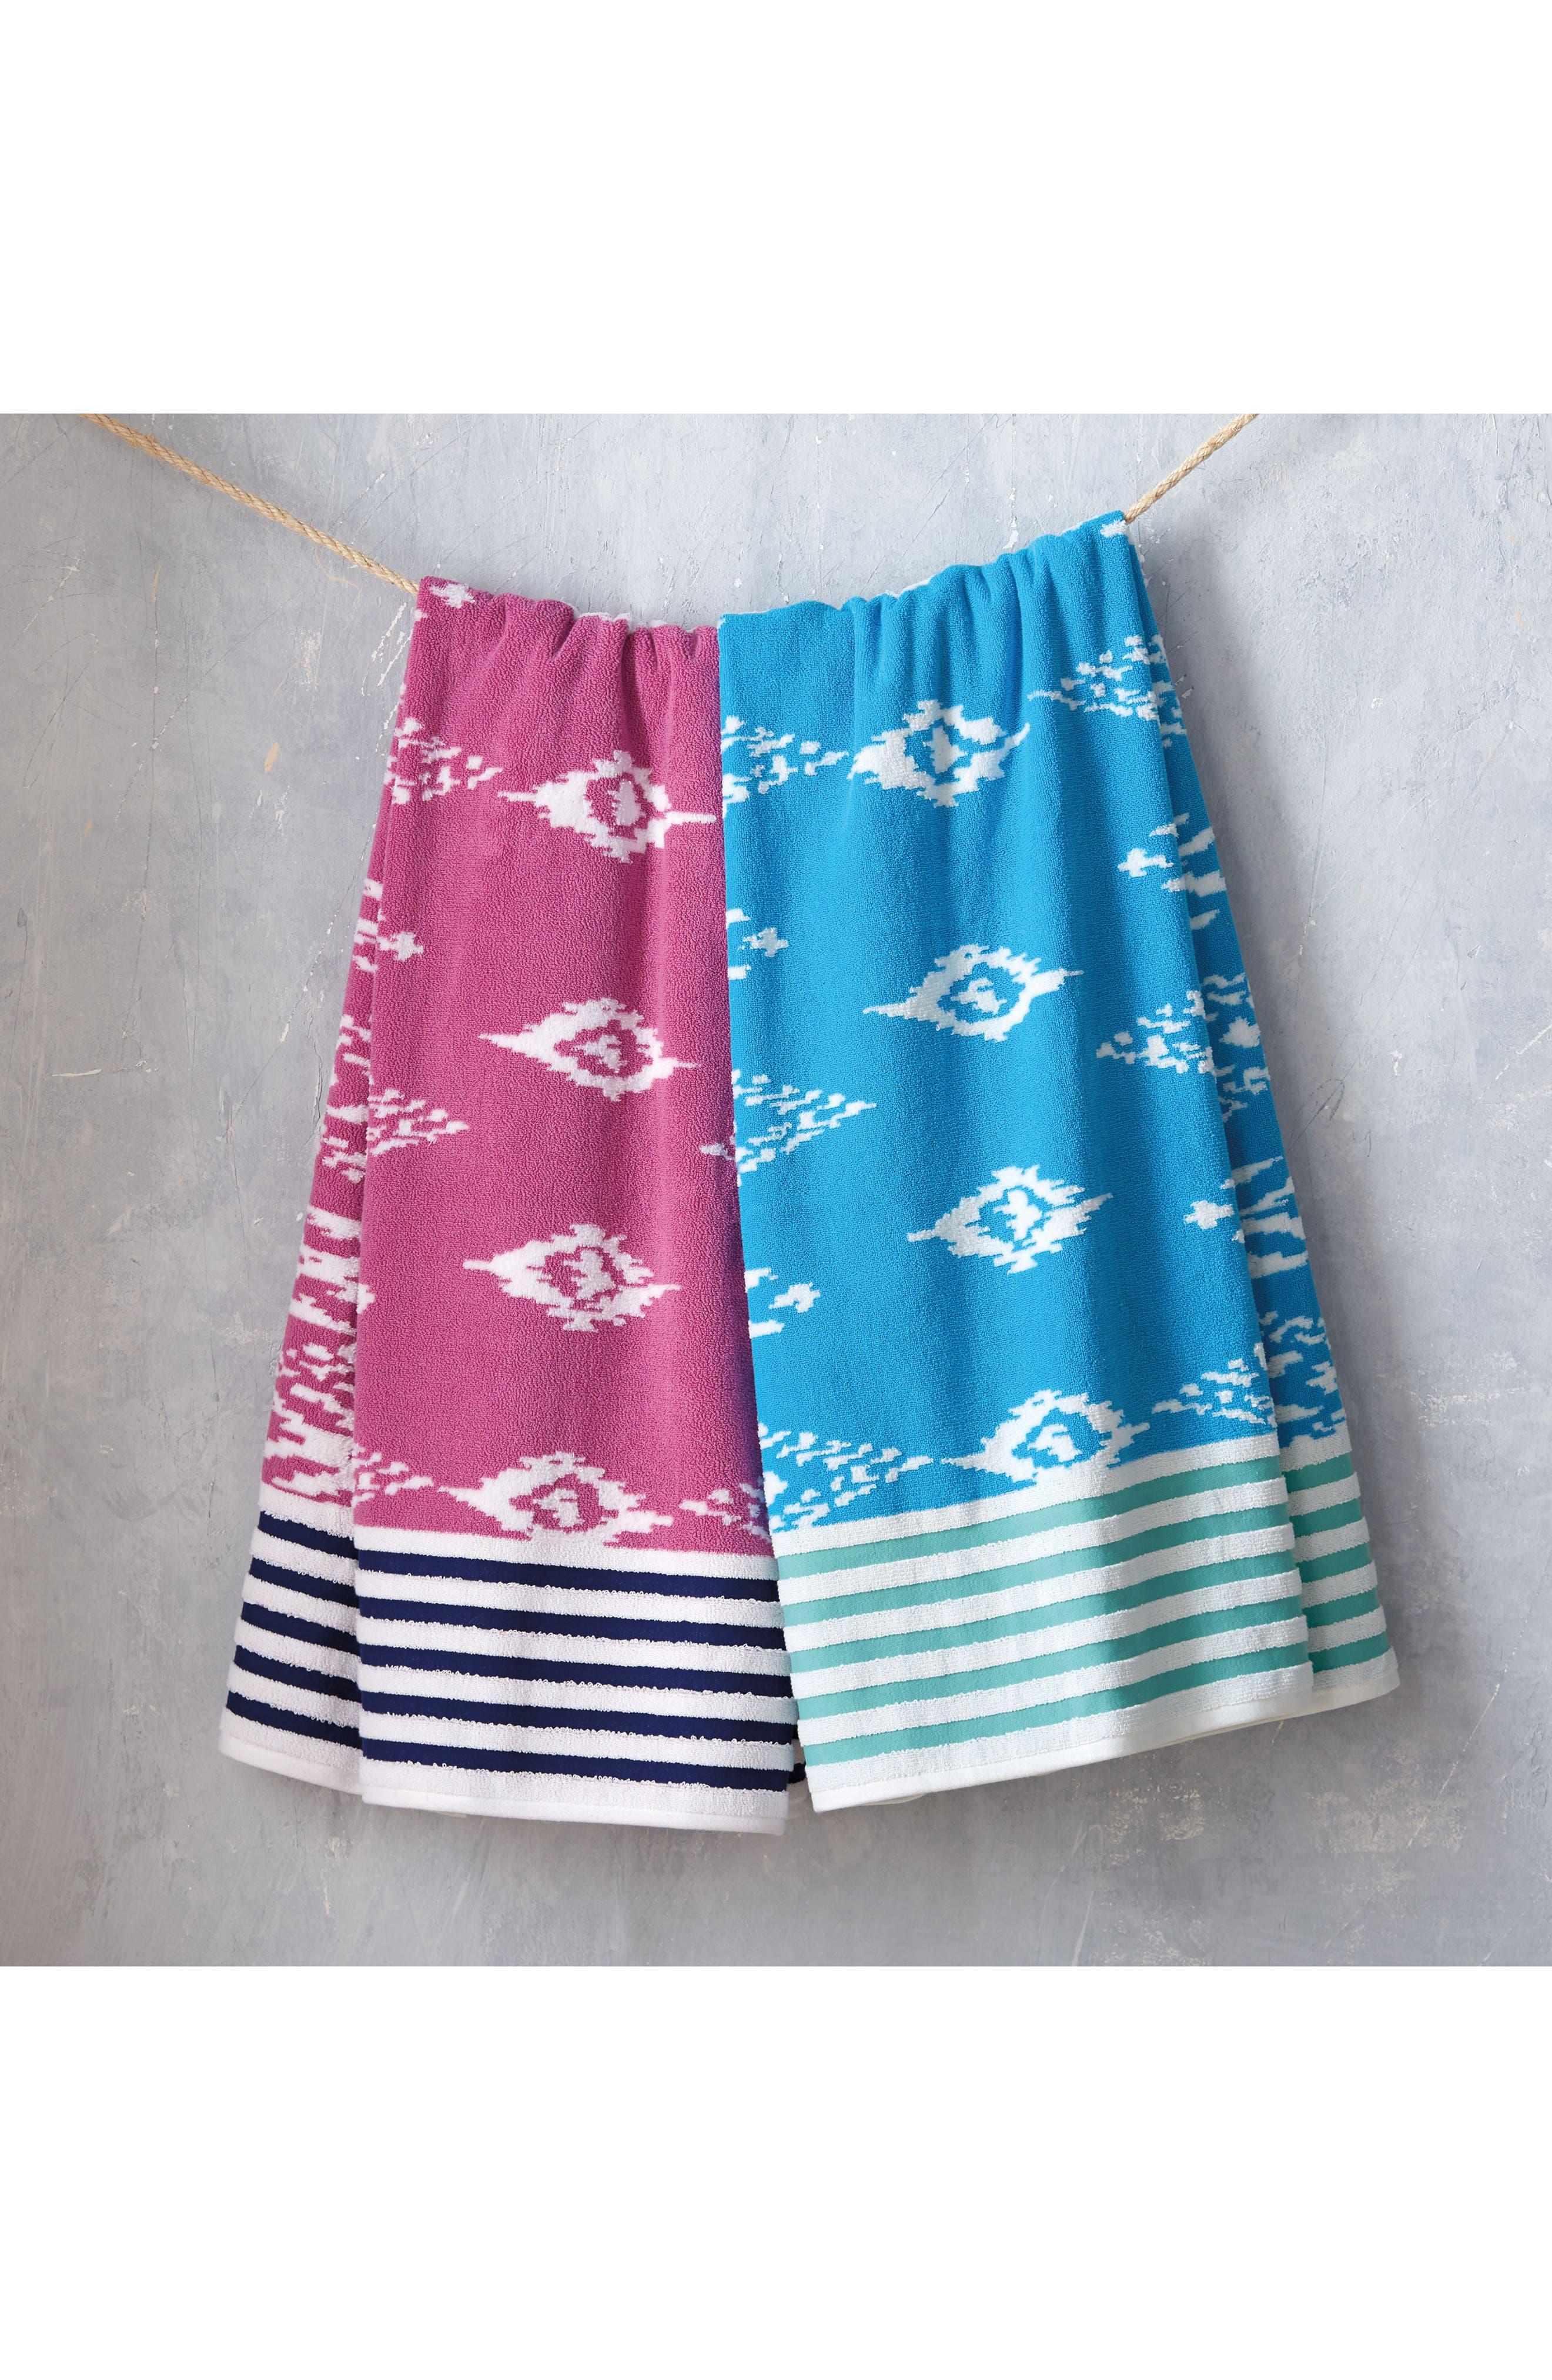 Dita Resort Towel,                             Alternate thumbnail 3, color,                             500